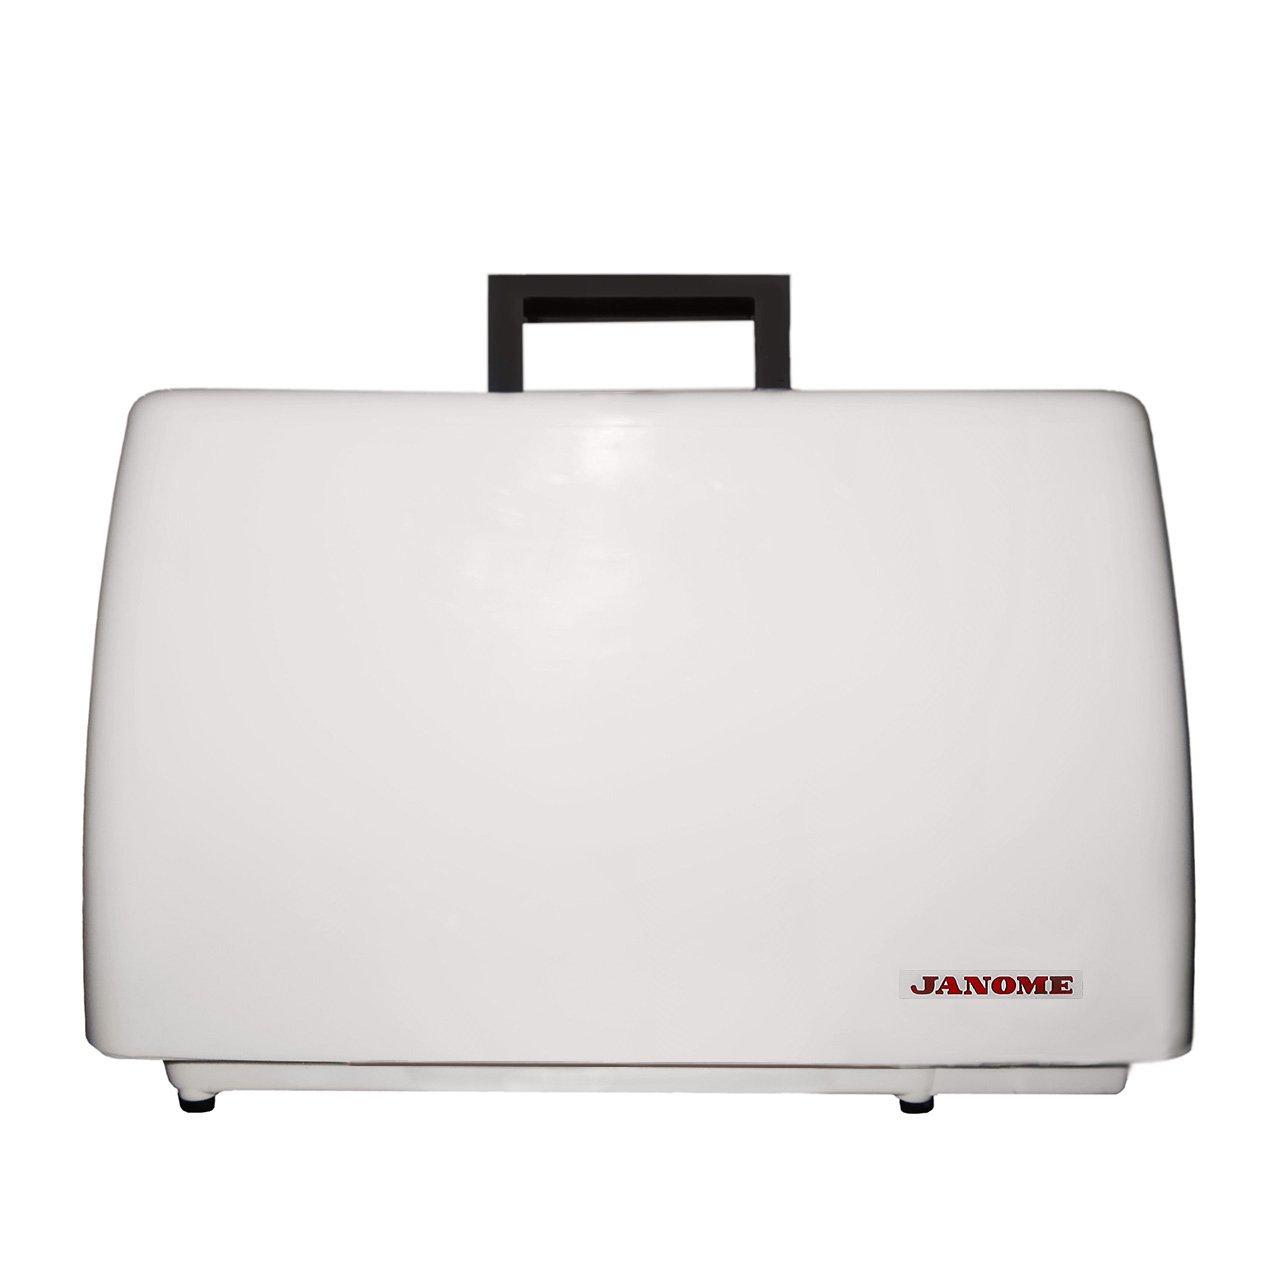 جعبه چرخ خیاطی های کف تخت مدل ژانومه 800